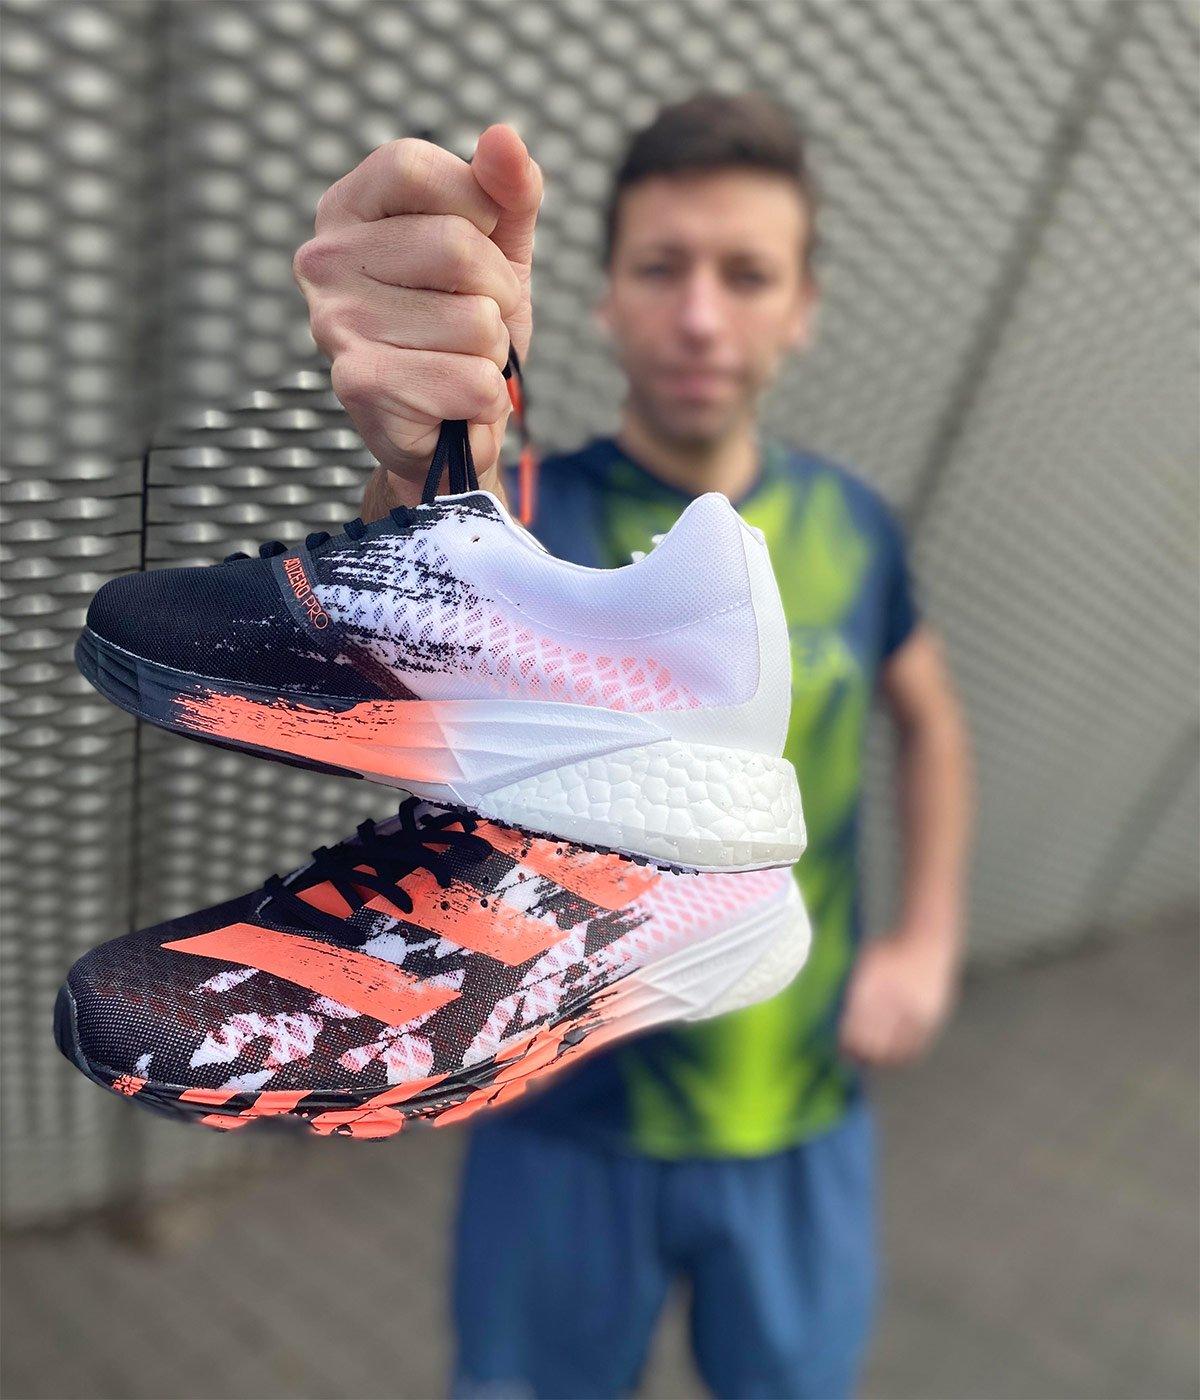 Adidas Adizero Pro y Adidas SL20, lo último de Adidas para que corras más rápido evolucion